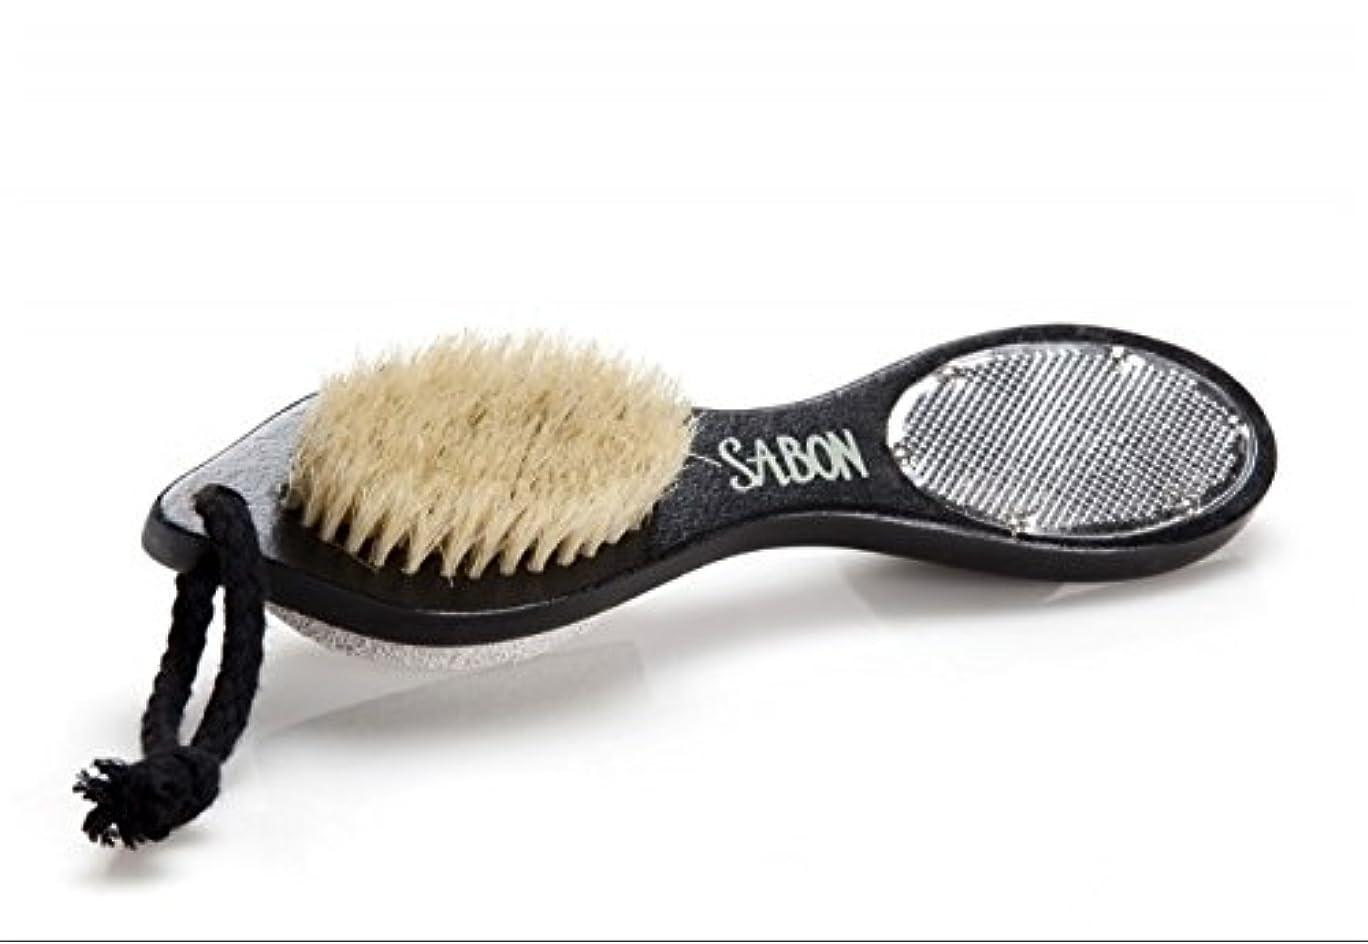 病者信頼見積り【SABON(サボン)】フット用ブラシ《ウォッシュストーン(軽石)付き》 Foot Brush+Stone+Scraper Double Side [並行輸入品]